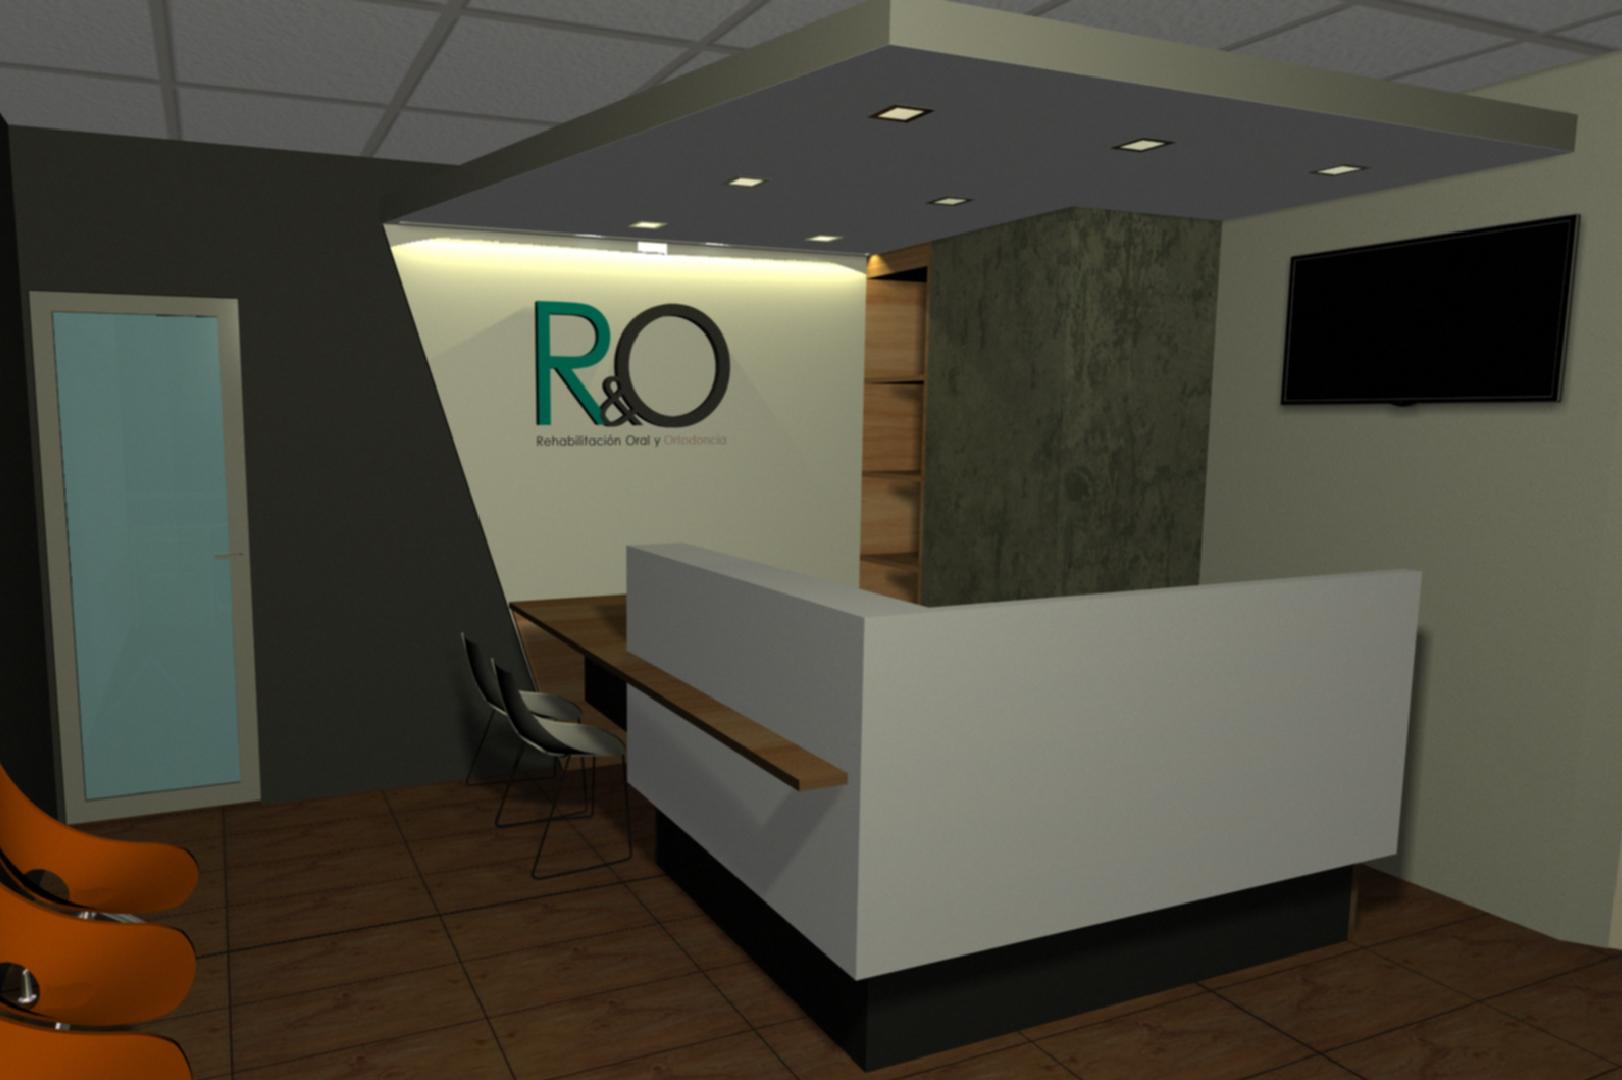 R&O Render 2